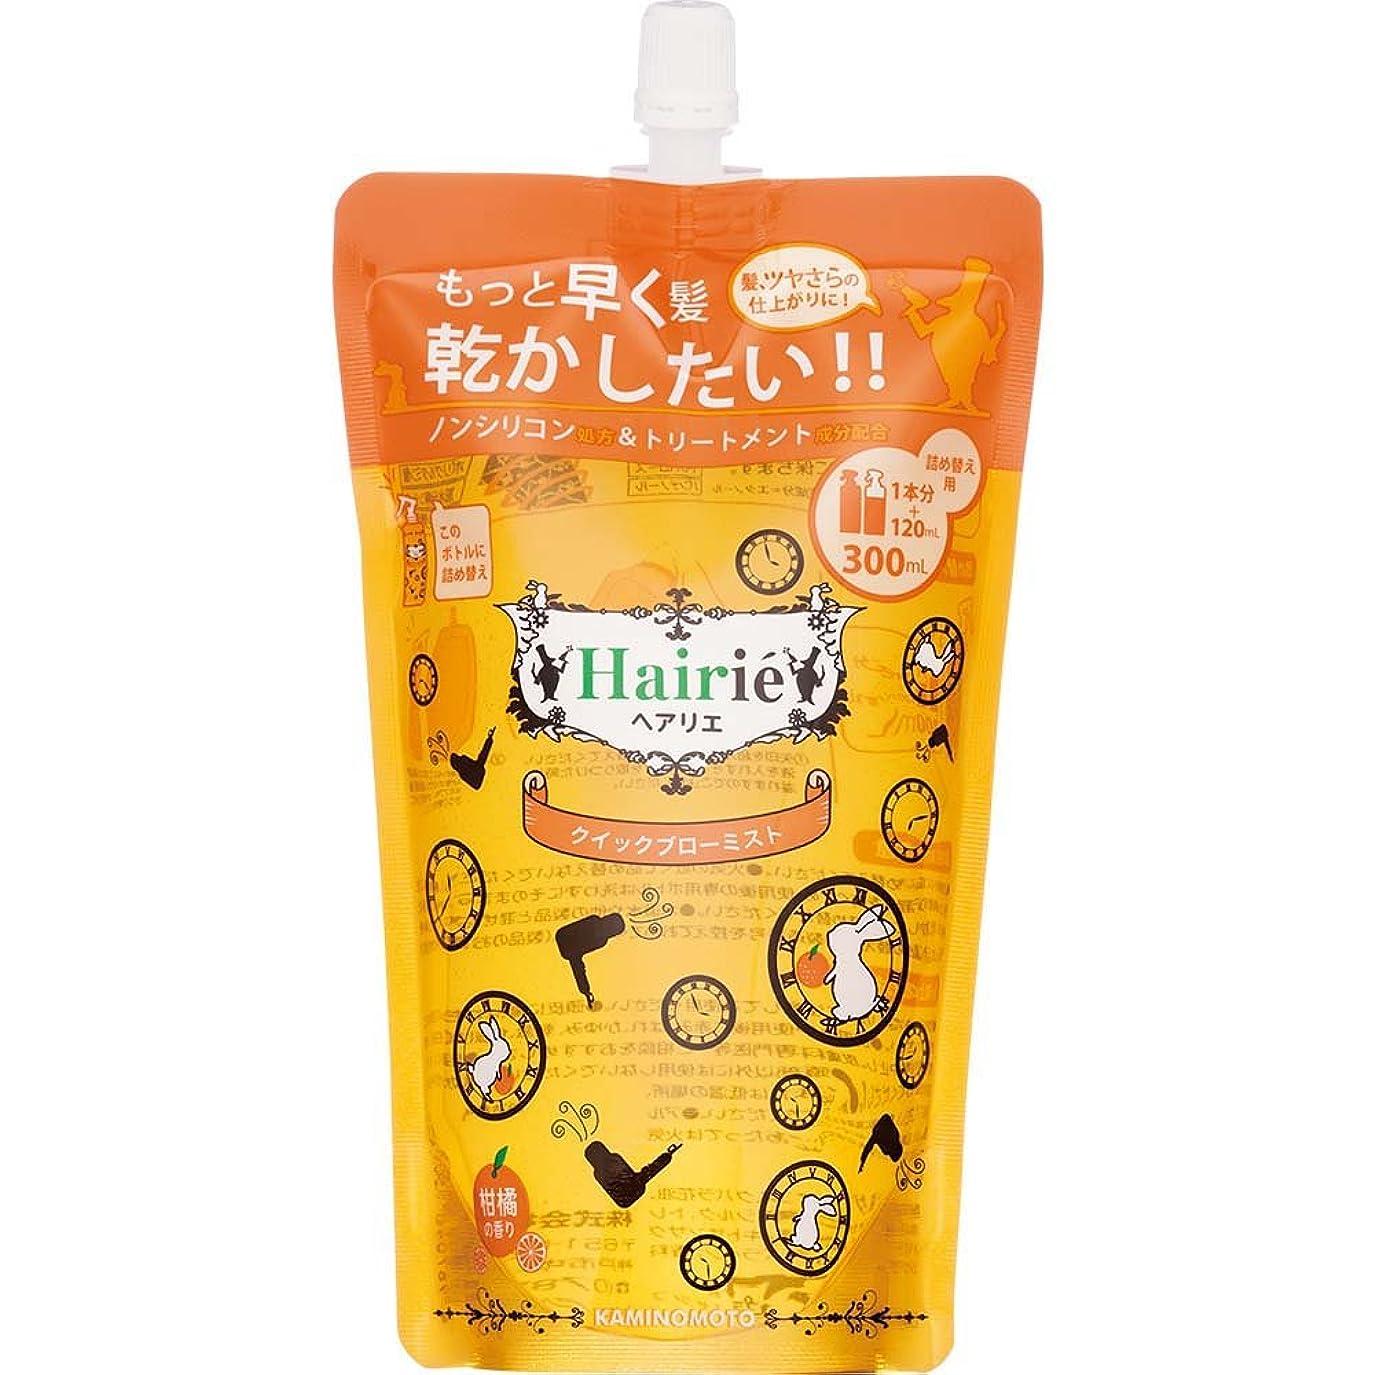 闇うまくやる()外部ヘアリエ クイックブローミスト 柑橘の香り 詰め替え 300mL